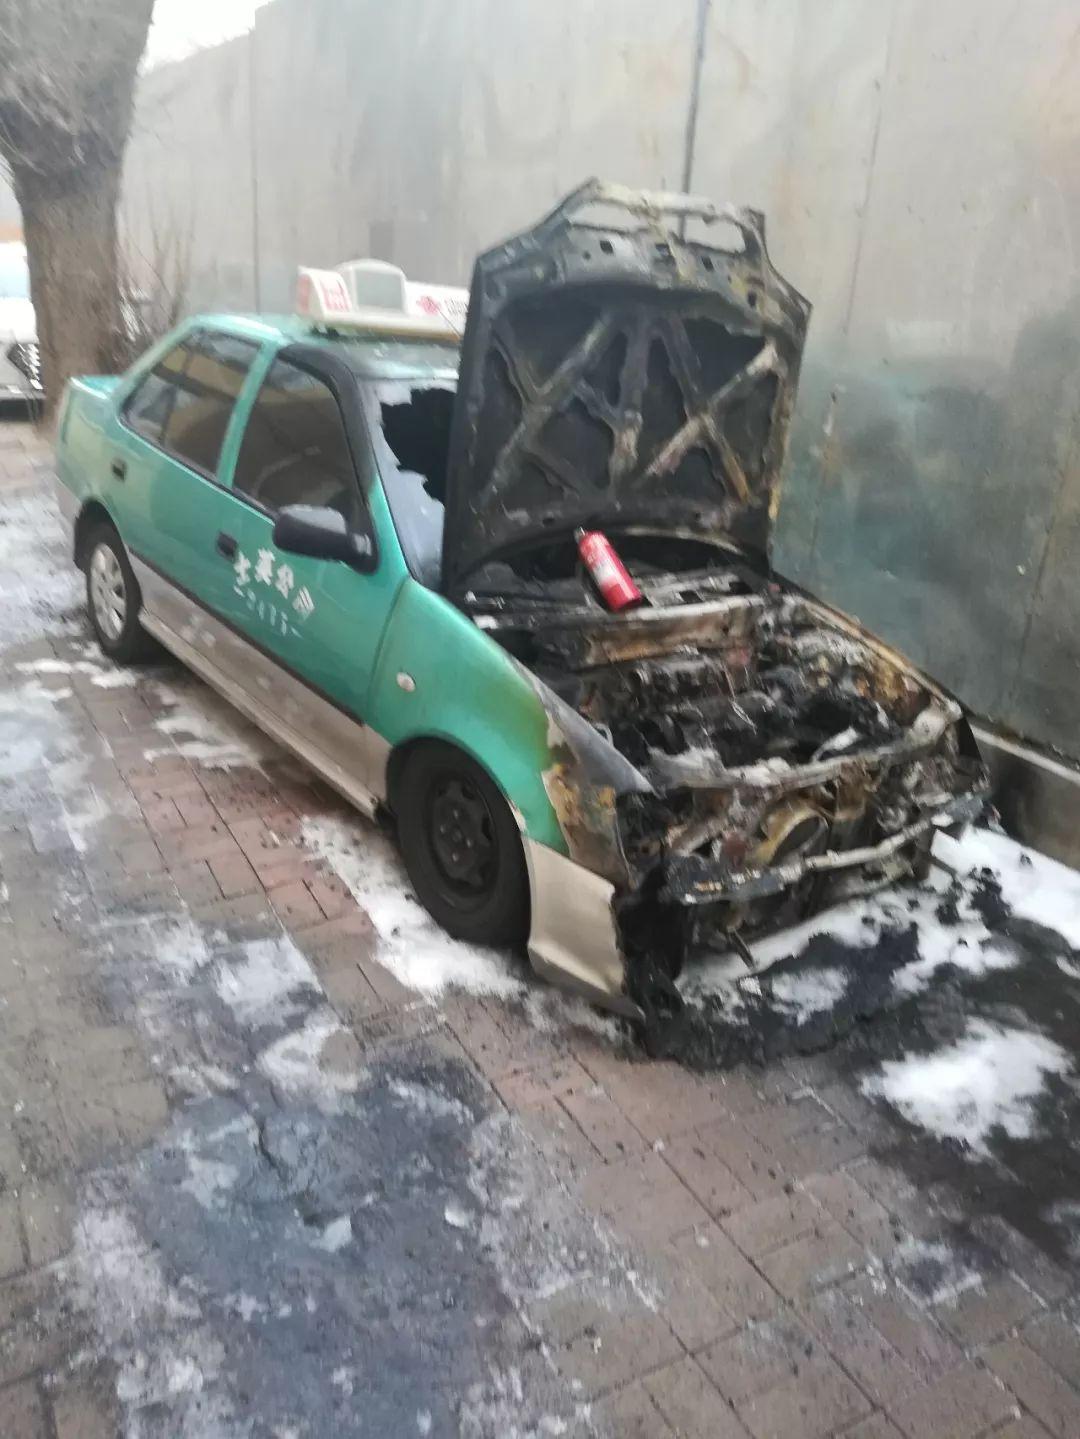 深夜,的哥拎着汽油瓶点燃了两辆出租车!他想干啥?